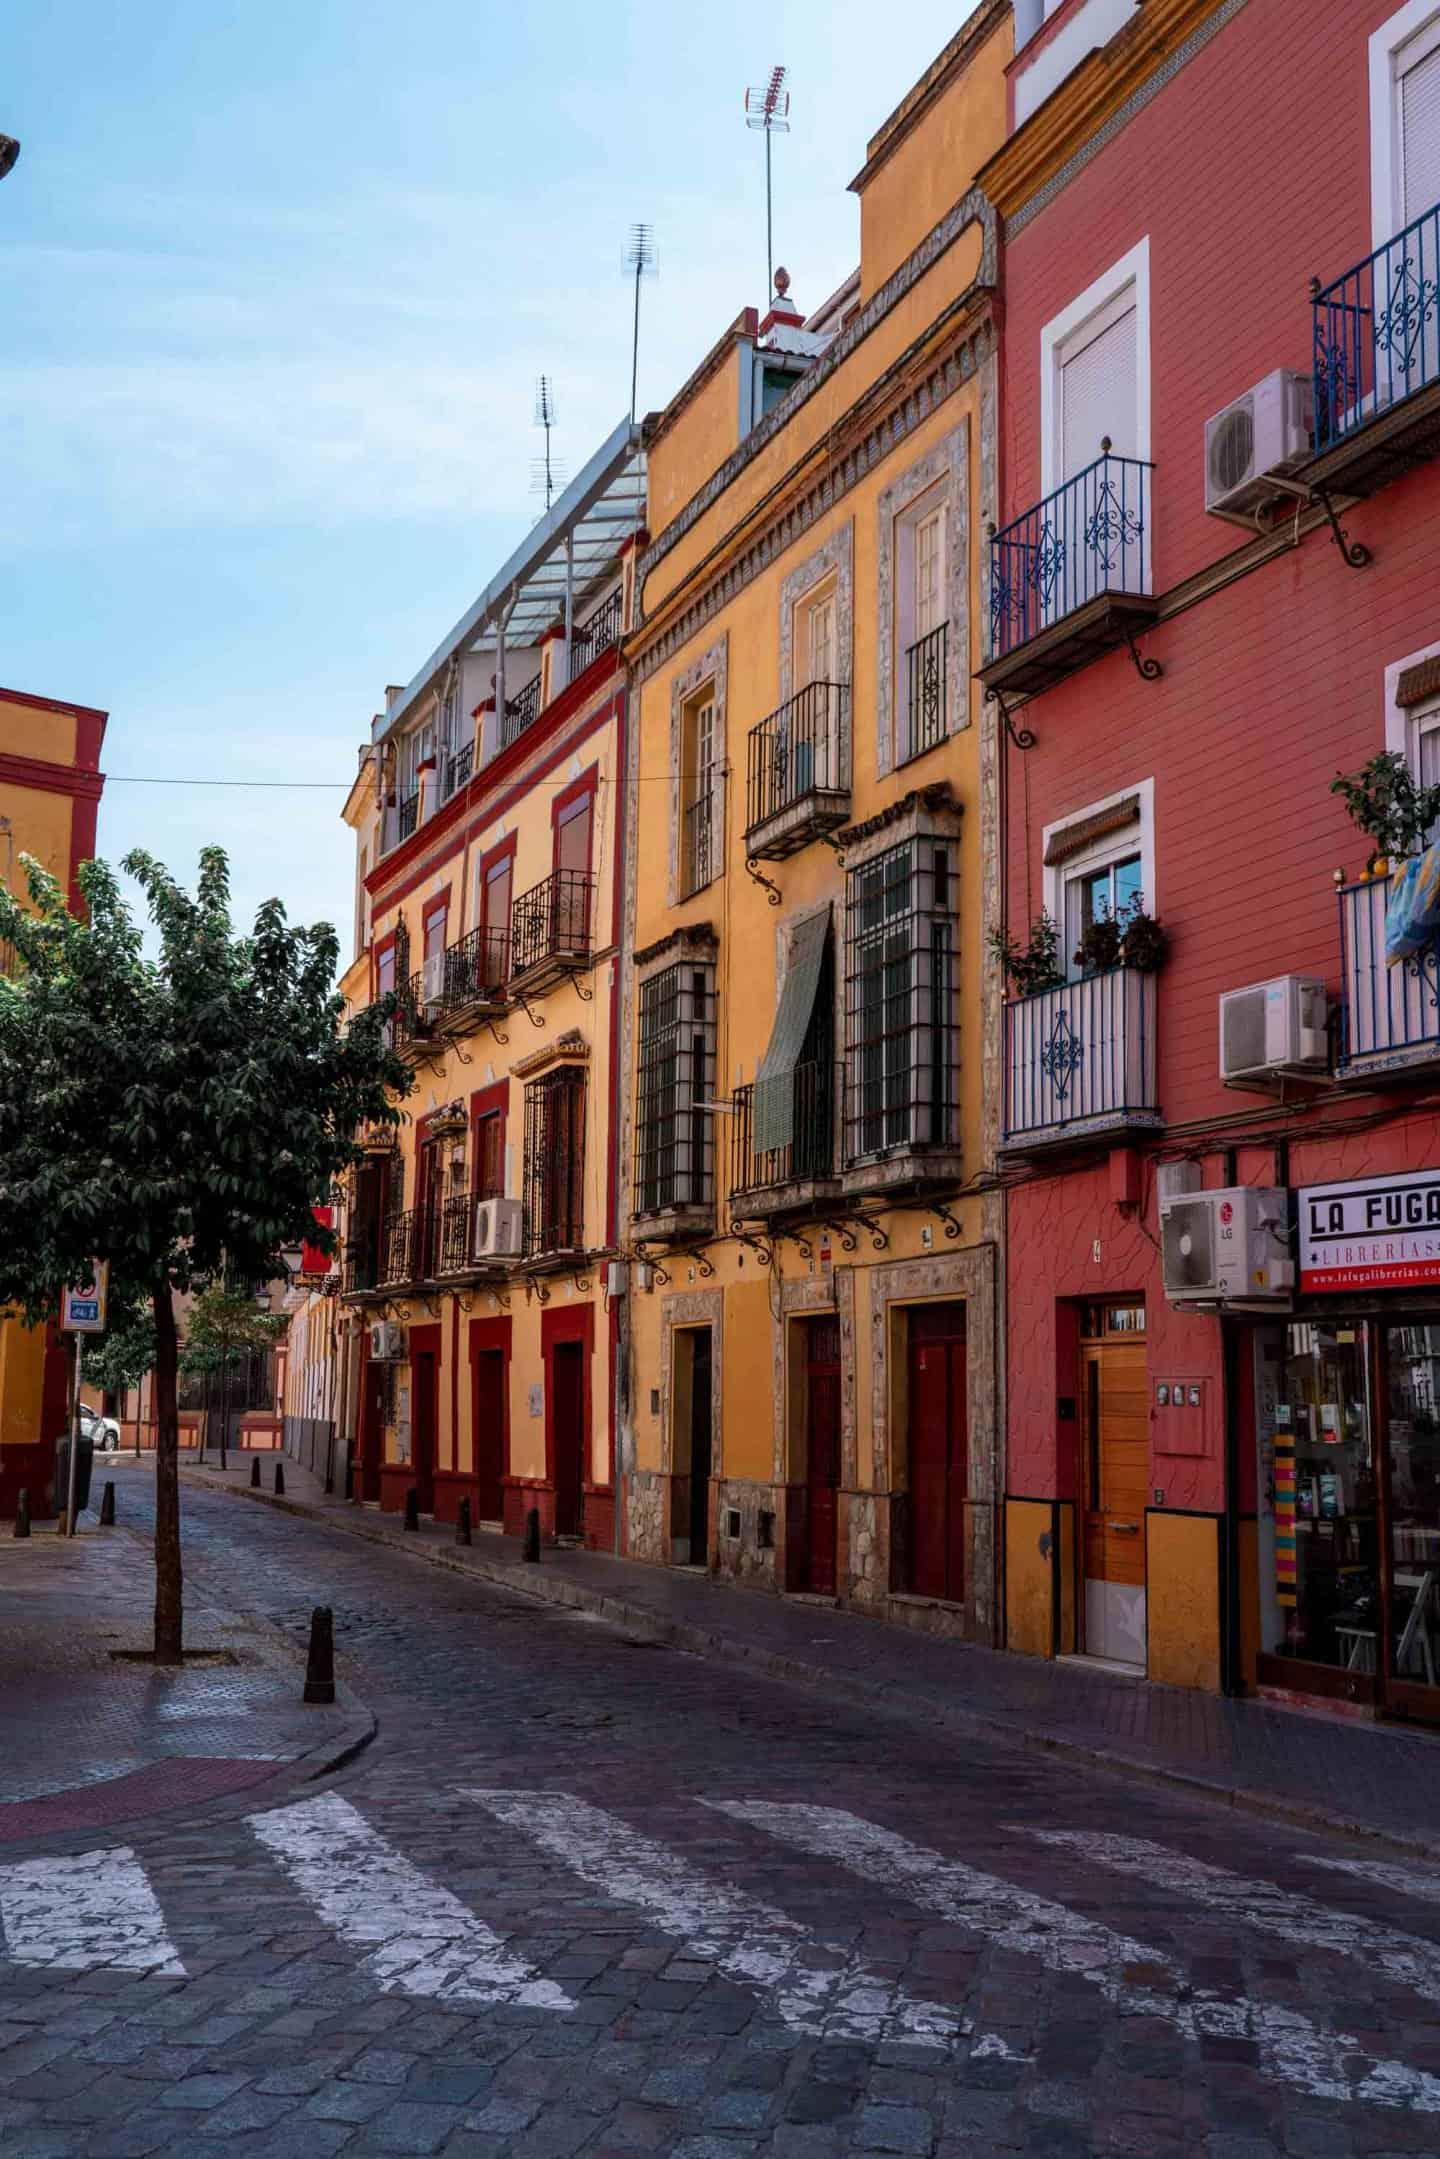 Calle Conde de Torrejón Seville Spain